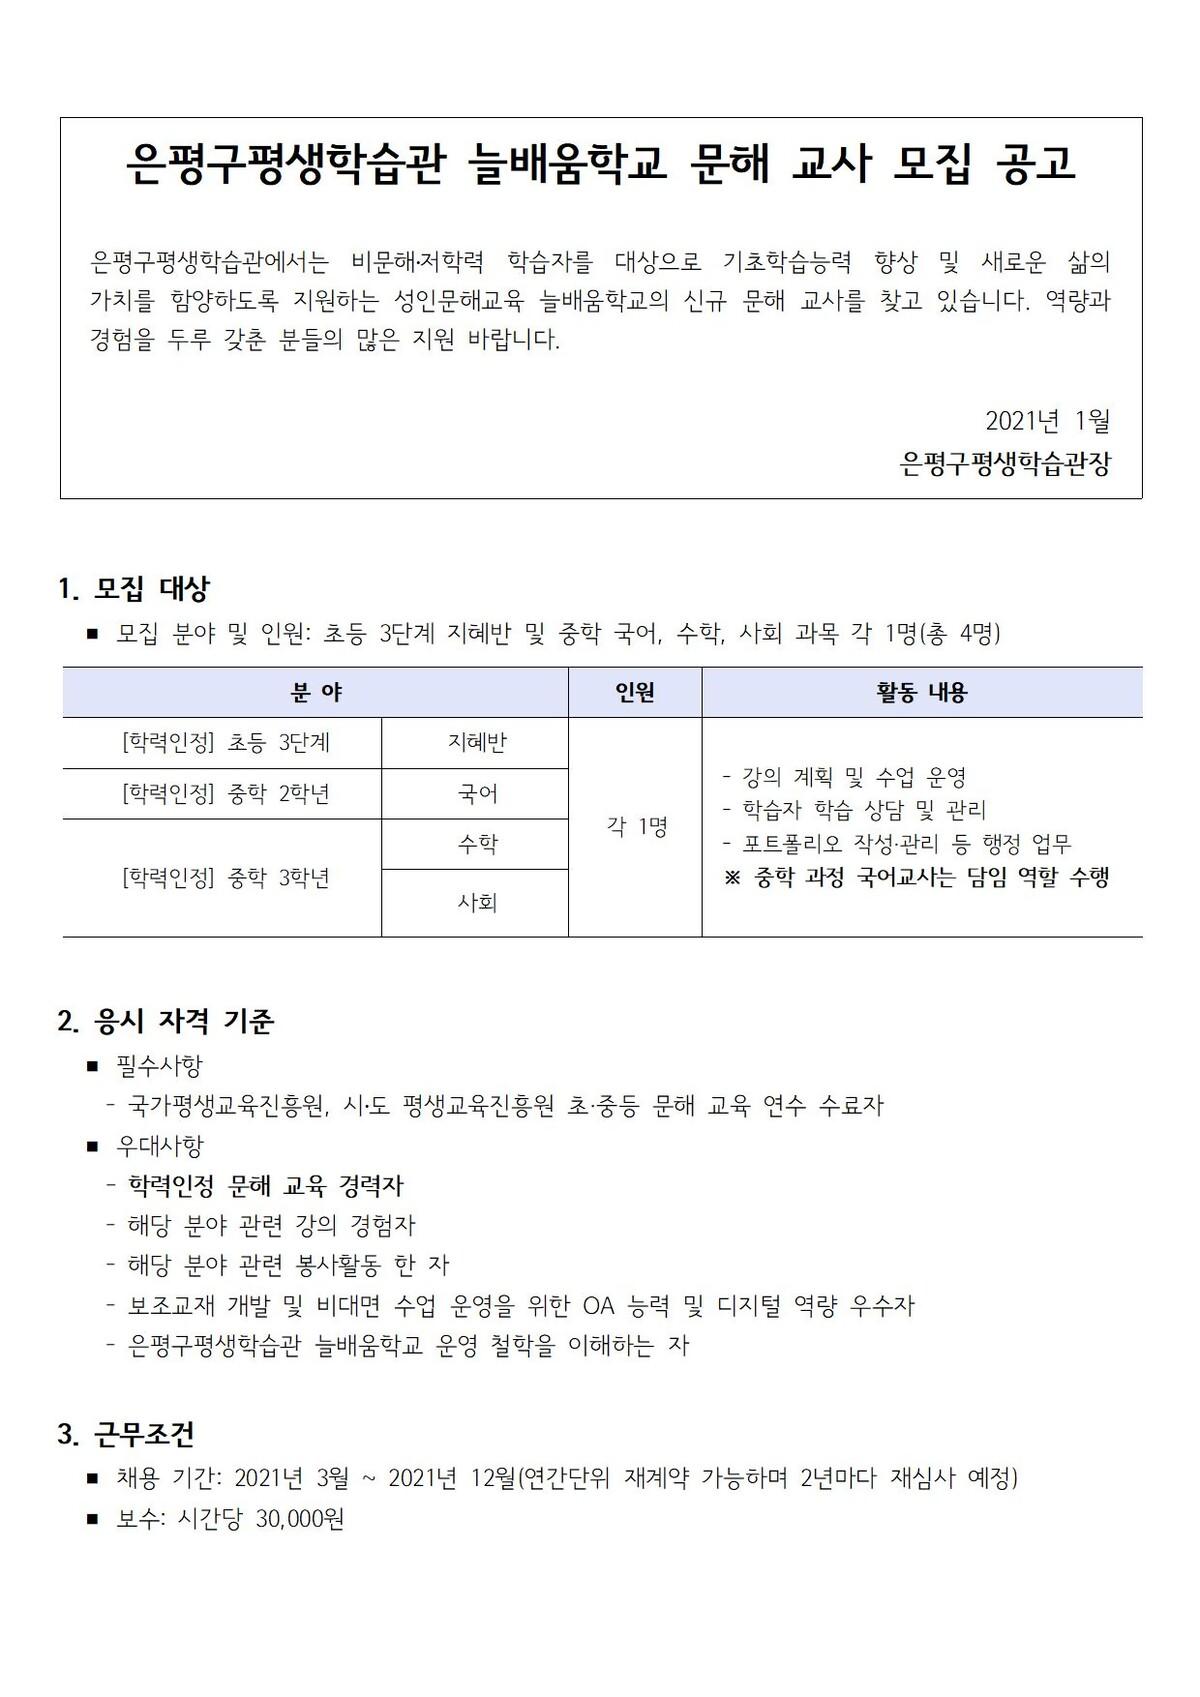 ☆ 2021년 늘배움학교 문해 교사 모집 공고001.jpg